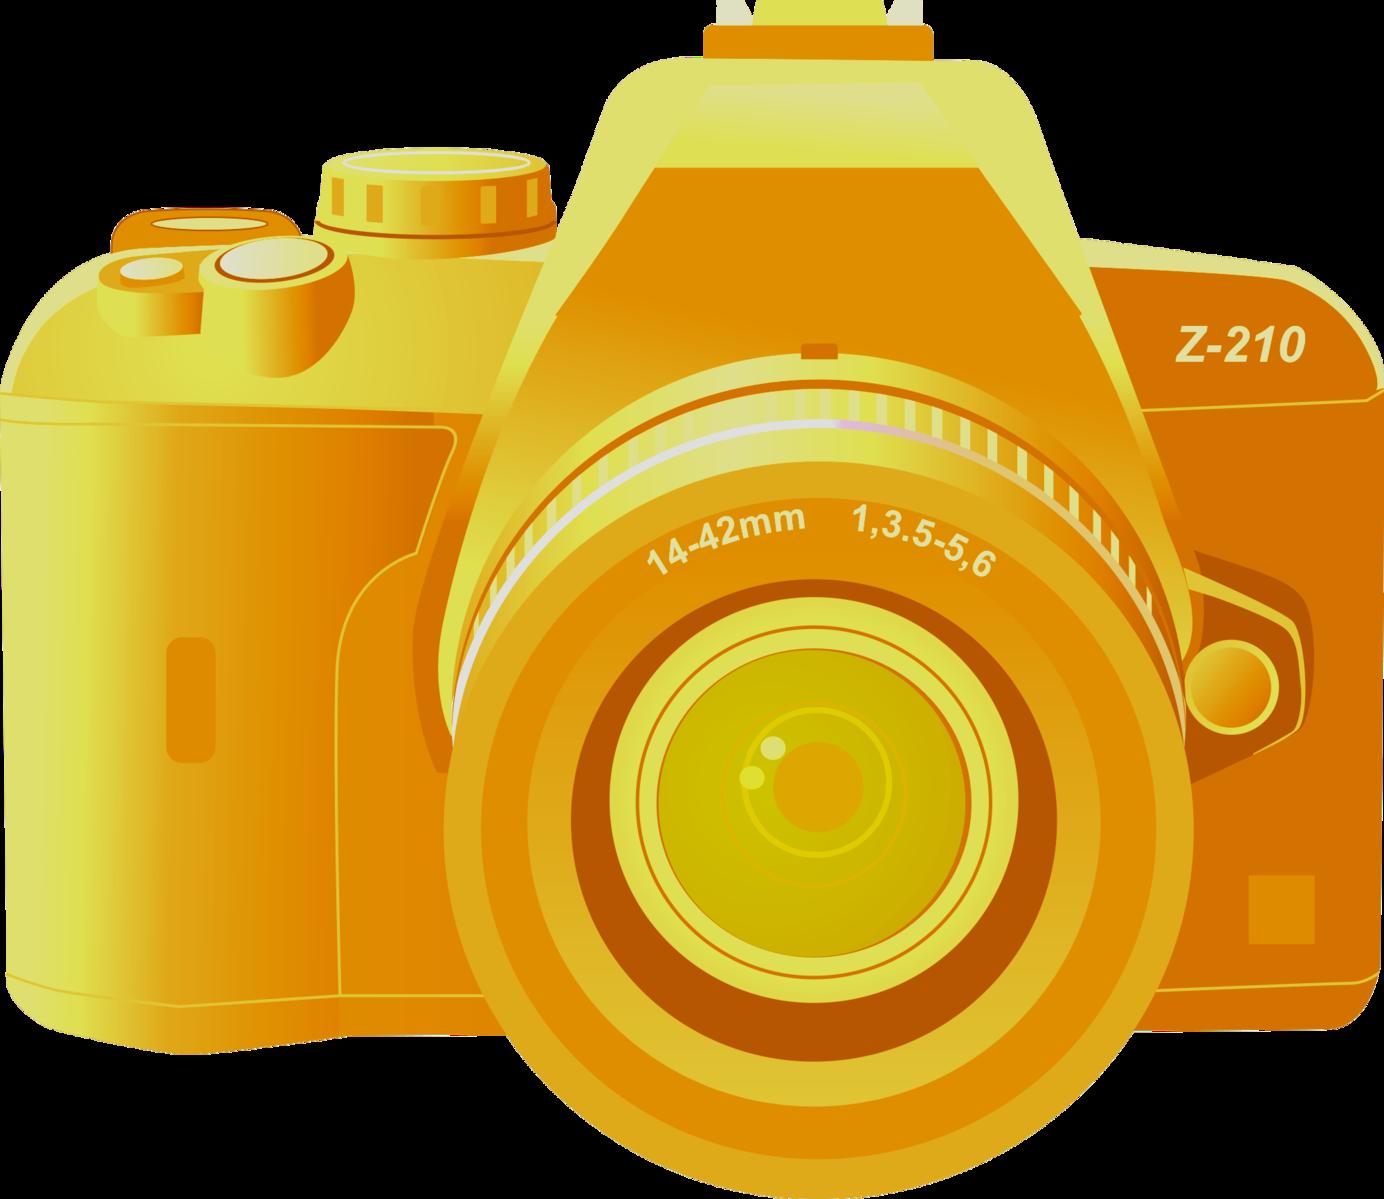 Icons clip art gold. Computer clipart digital camera